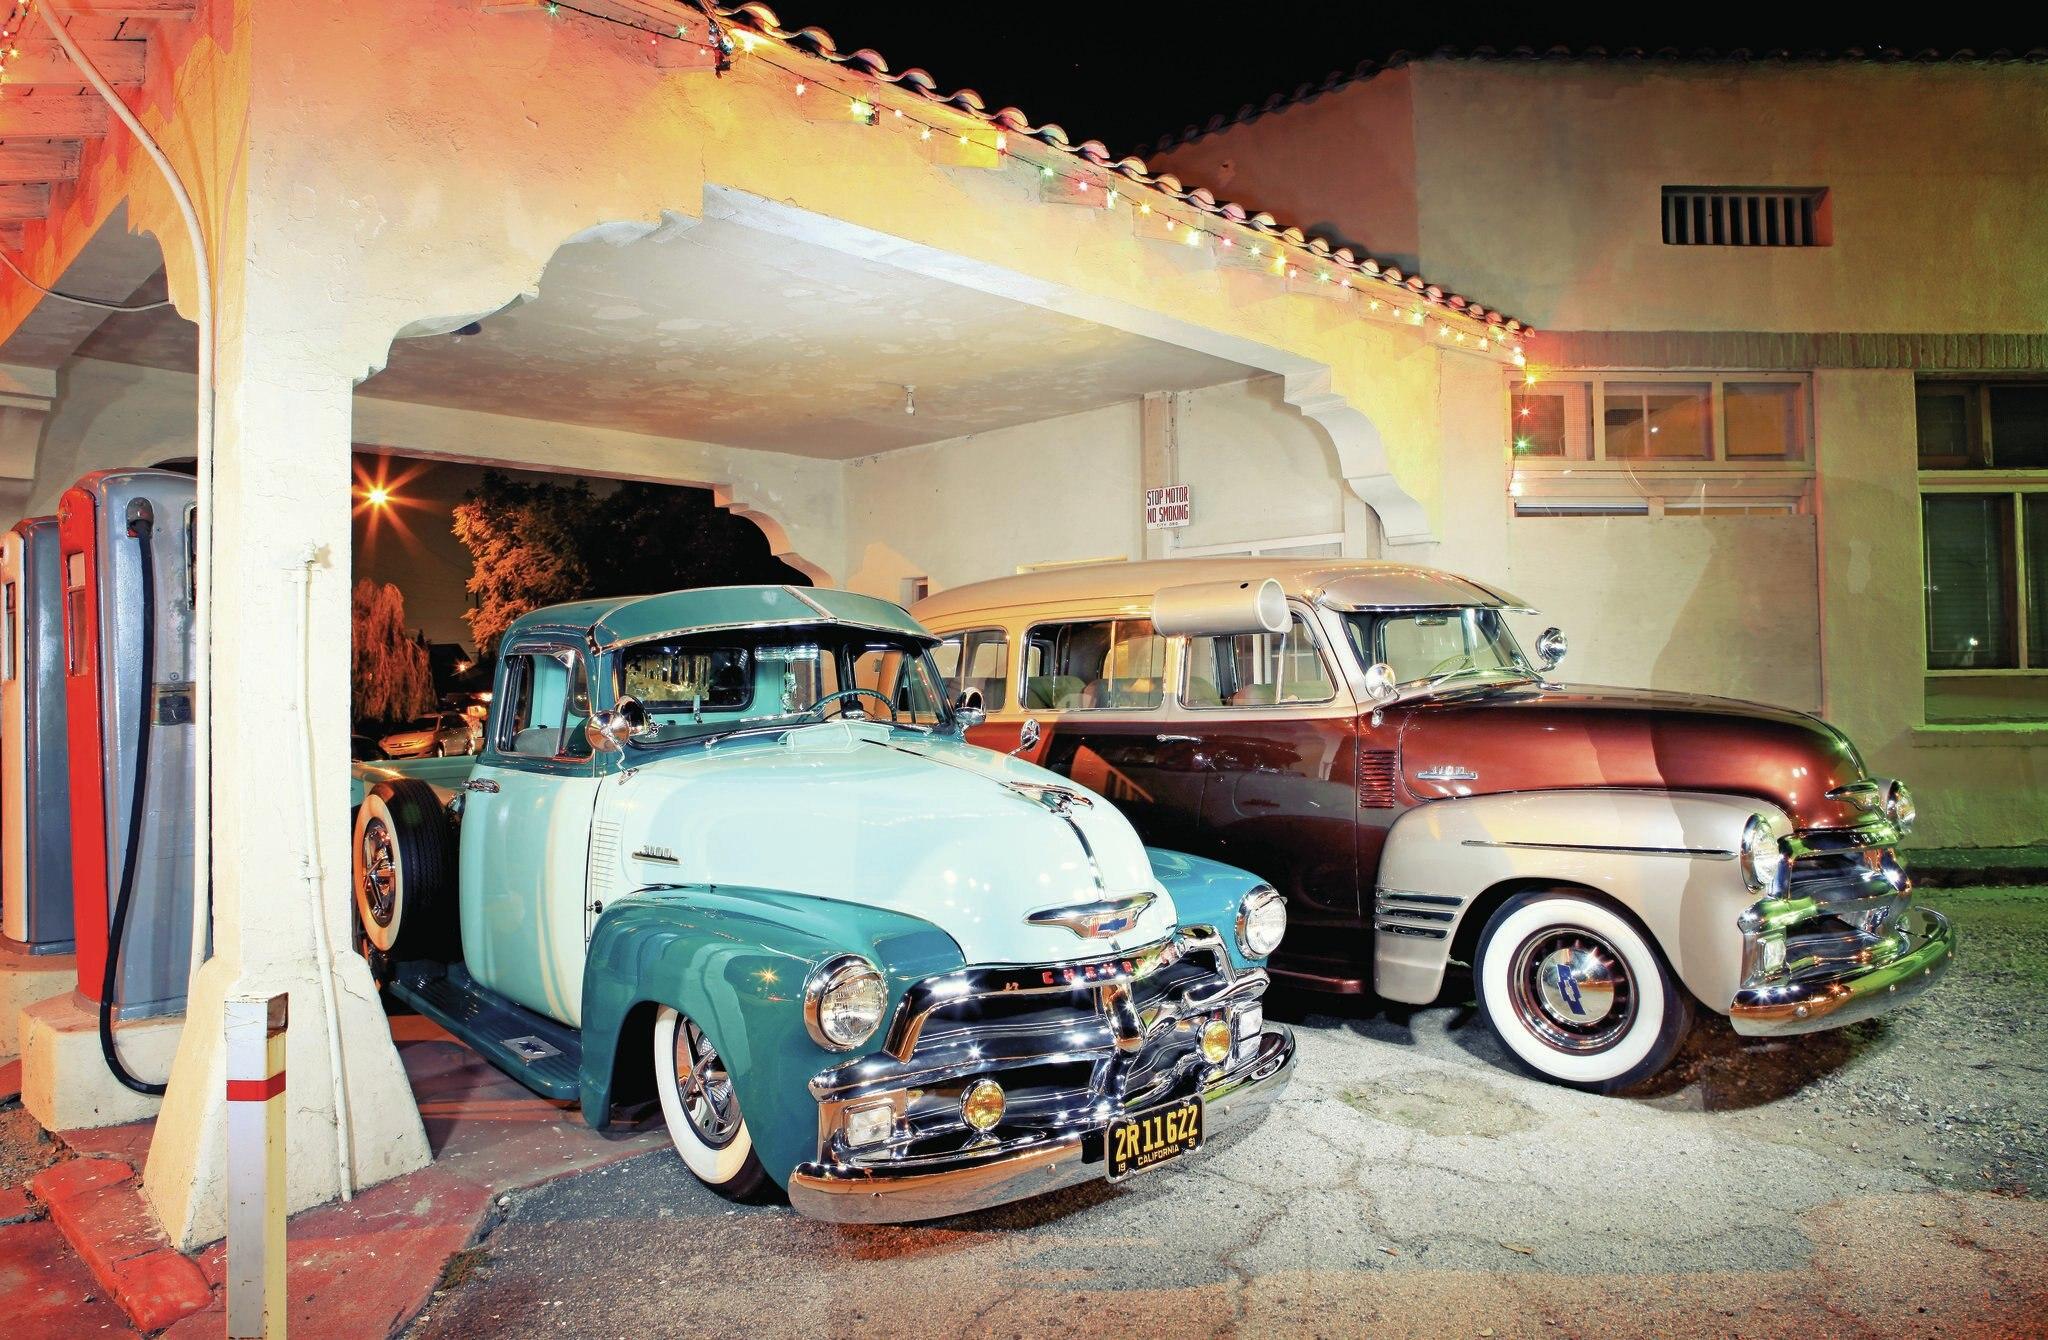 1954-chevrolet-stepside-3100-1954-chevrolet-suburban-011